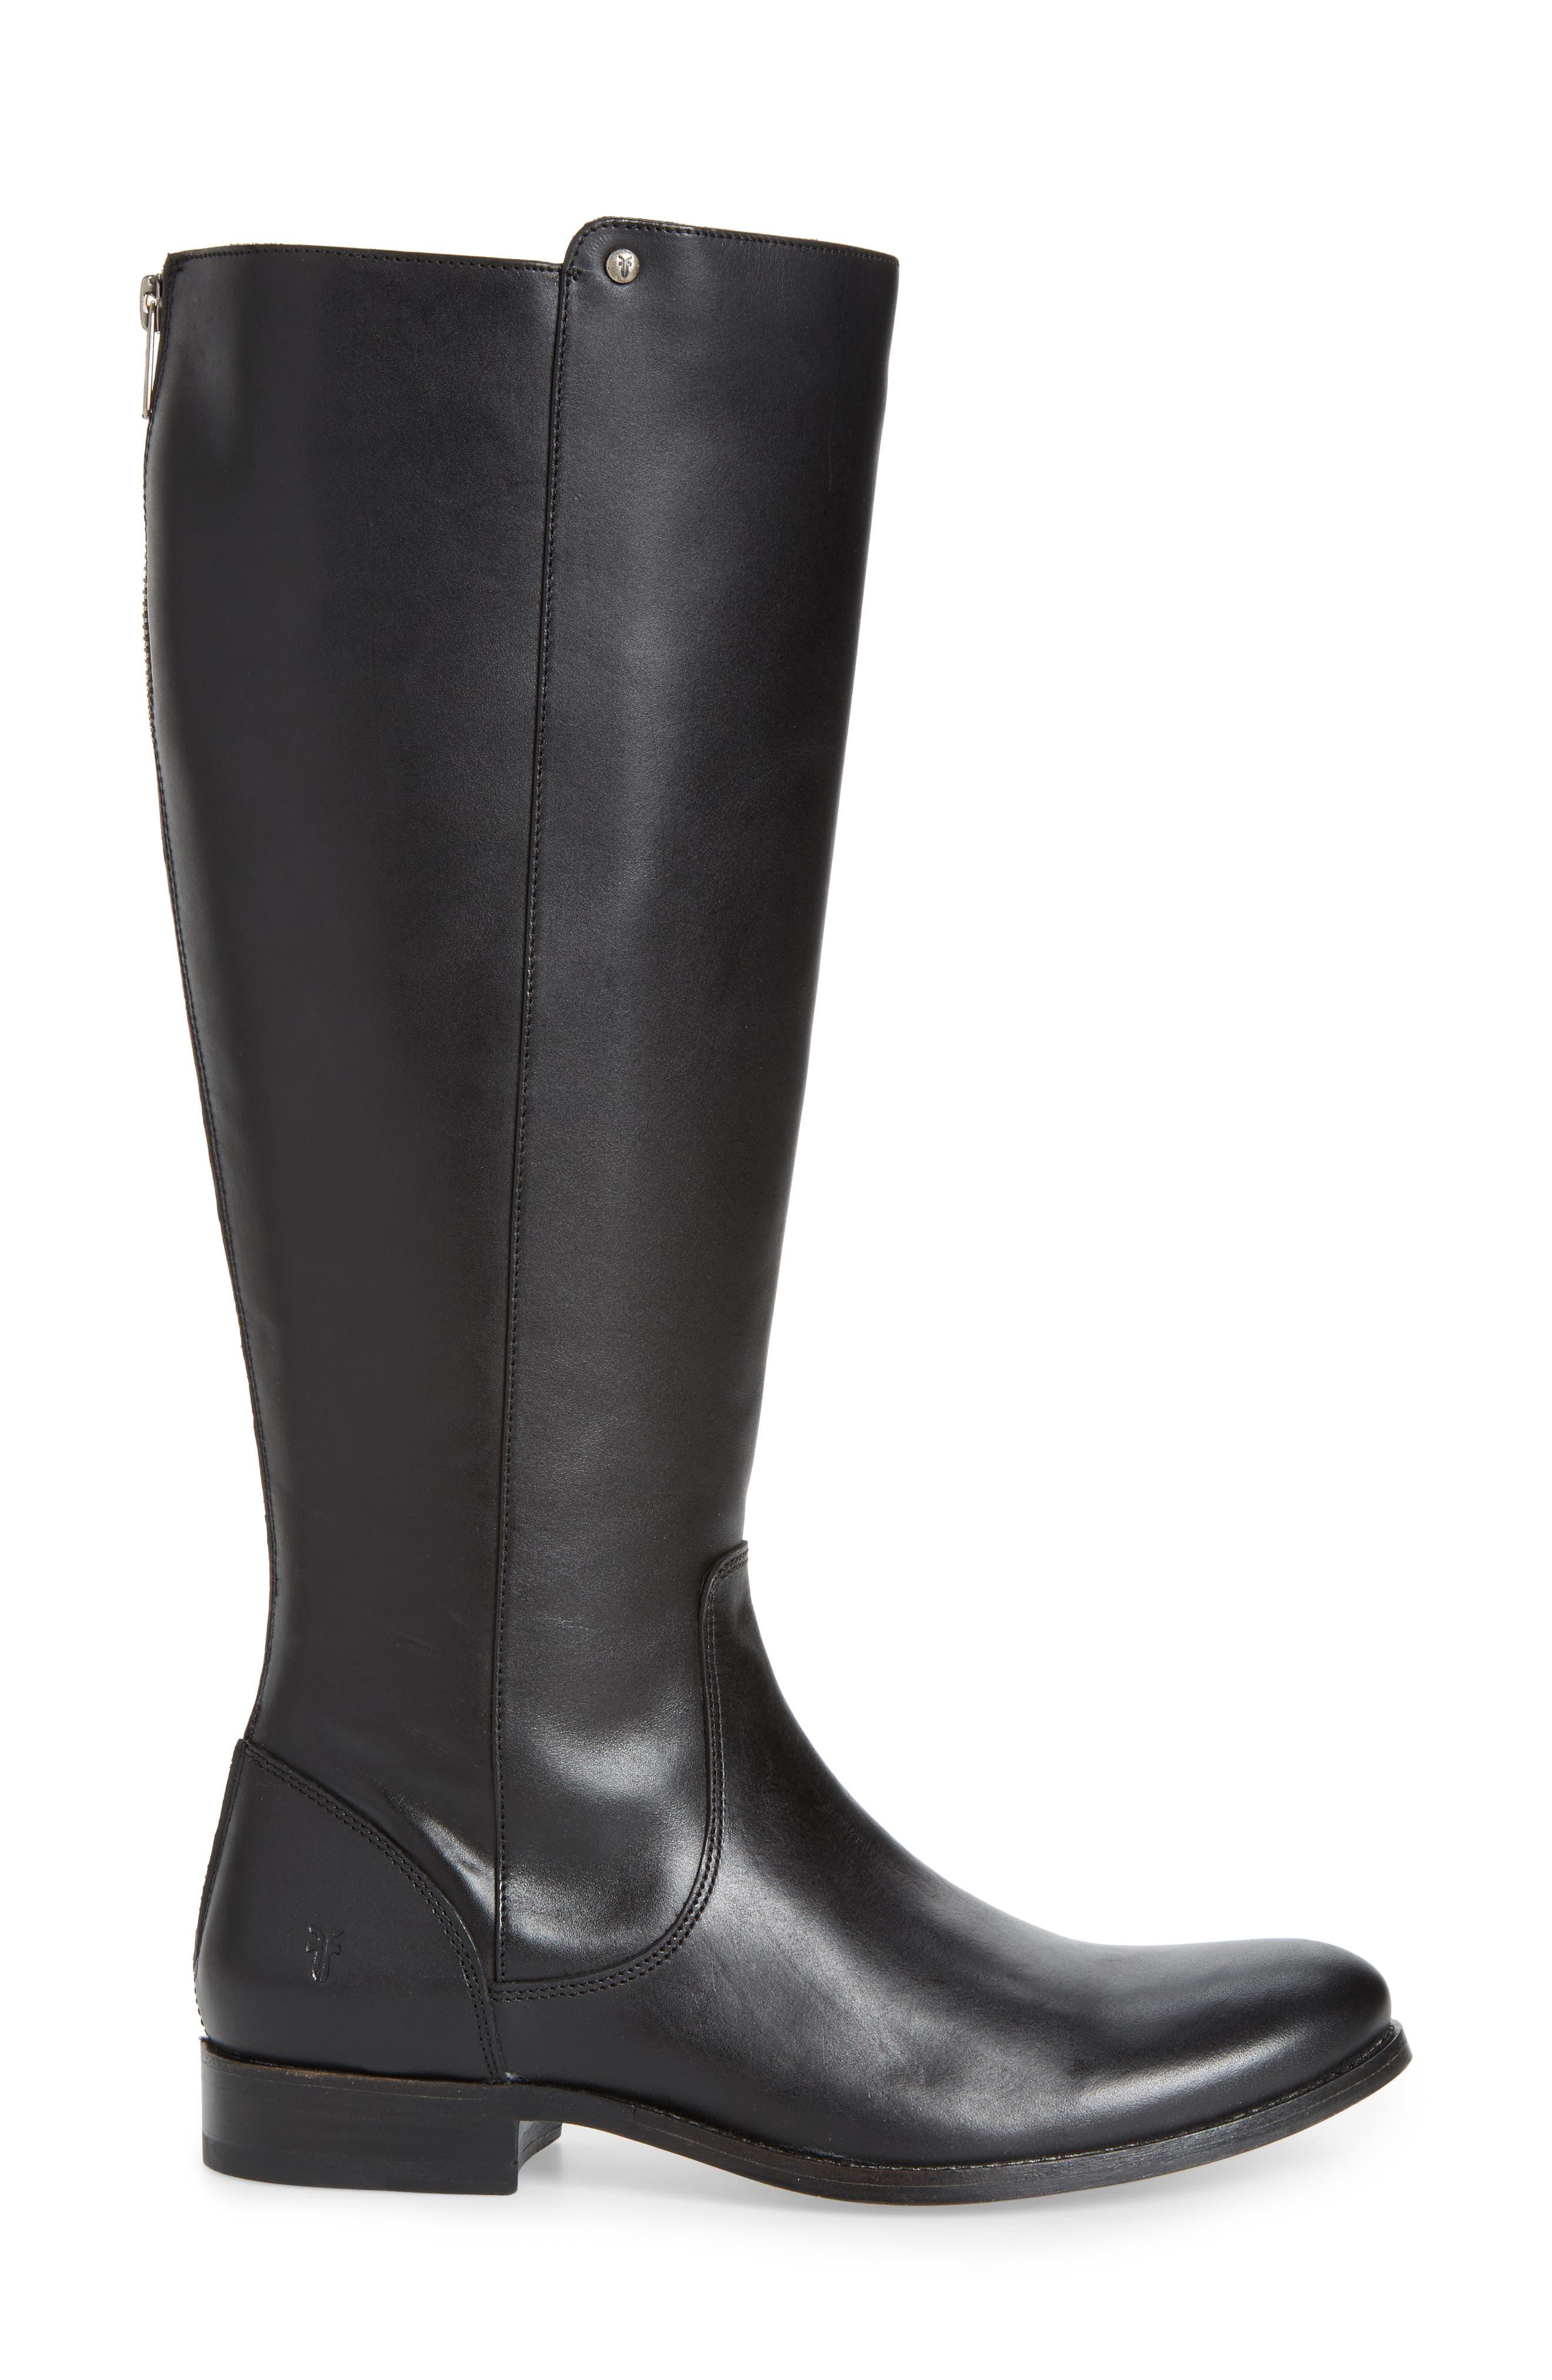 Melissa Stud Knee High Boot,                             Alternate thumbnail 3, color,                             015